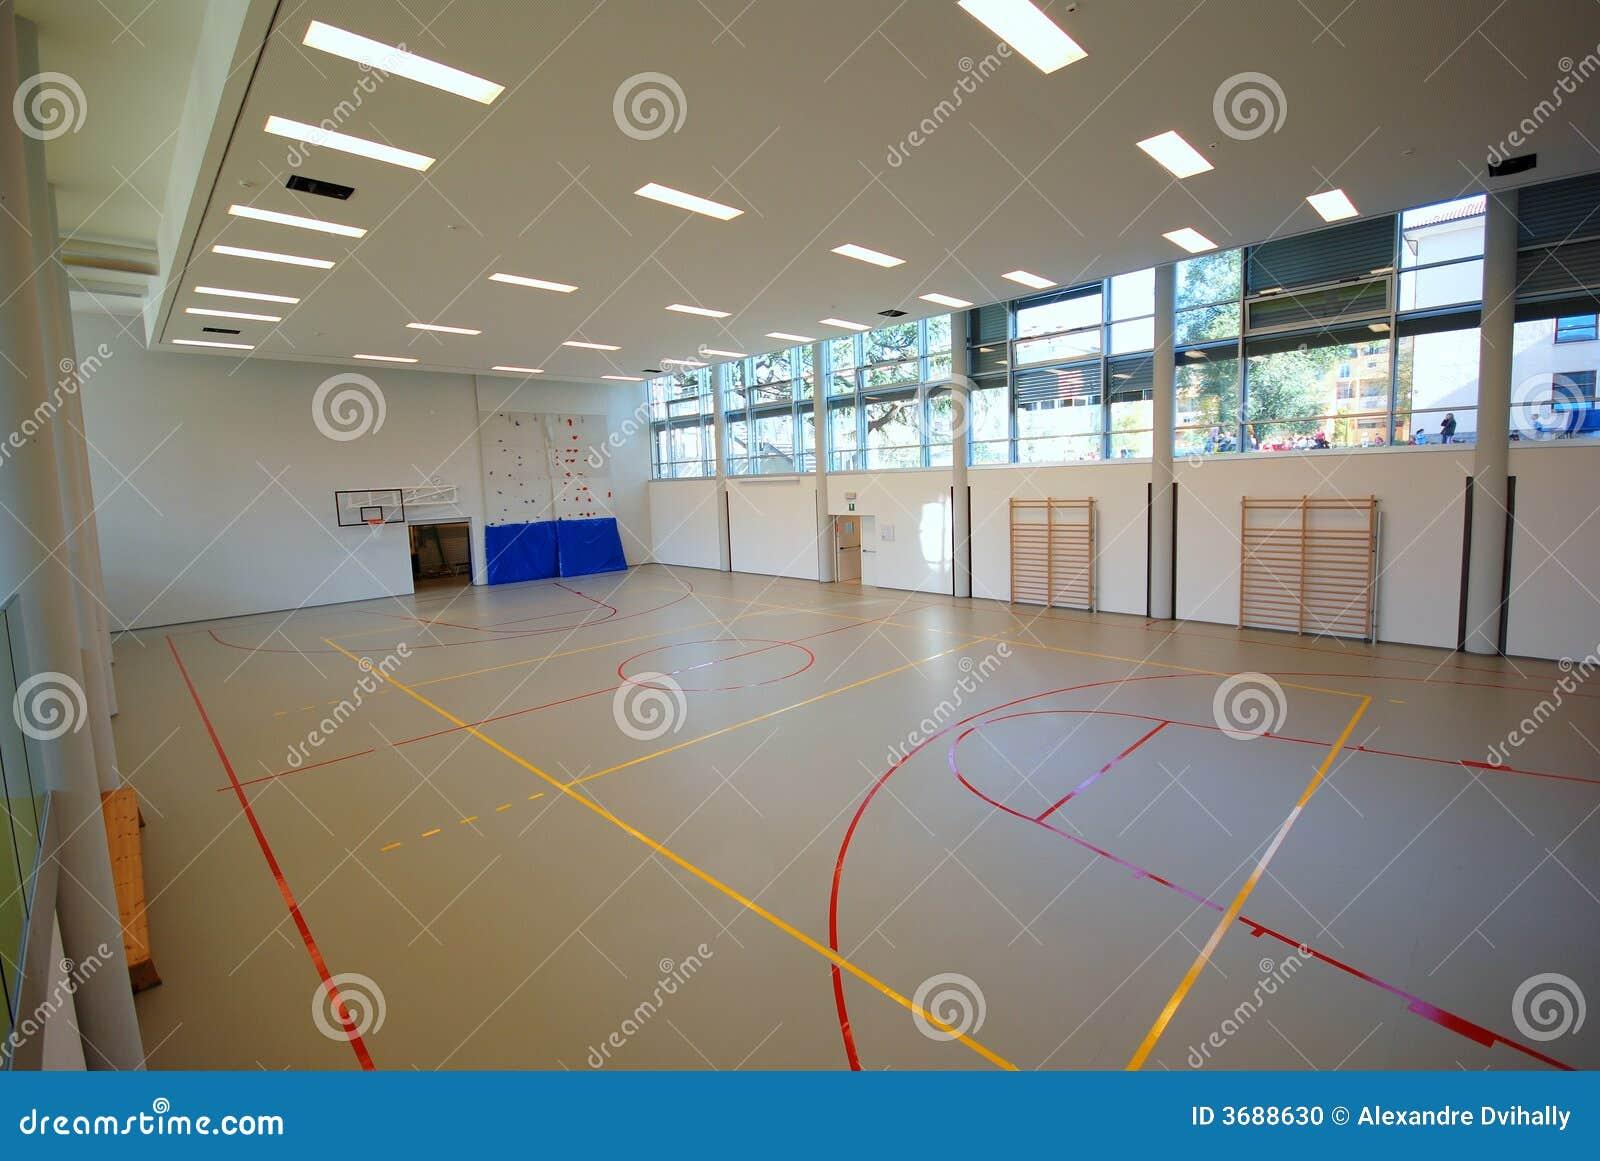 Sport Court Indoor Stock Photo Image 3688630